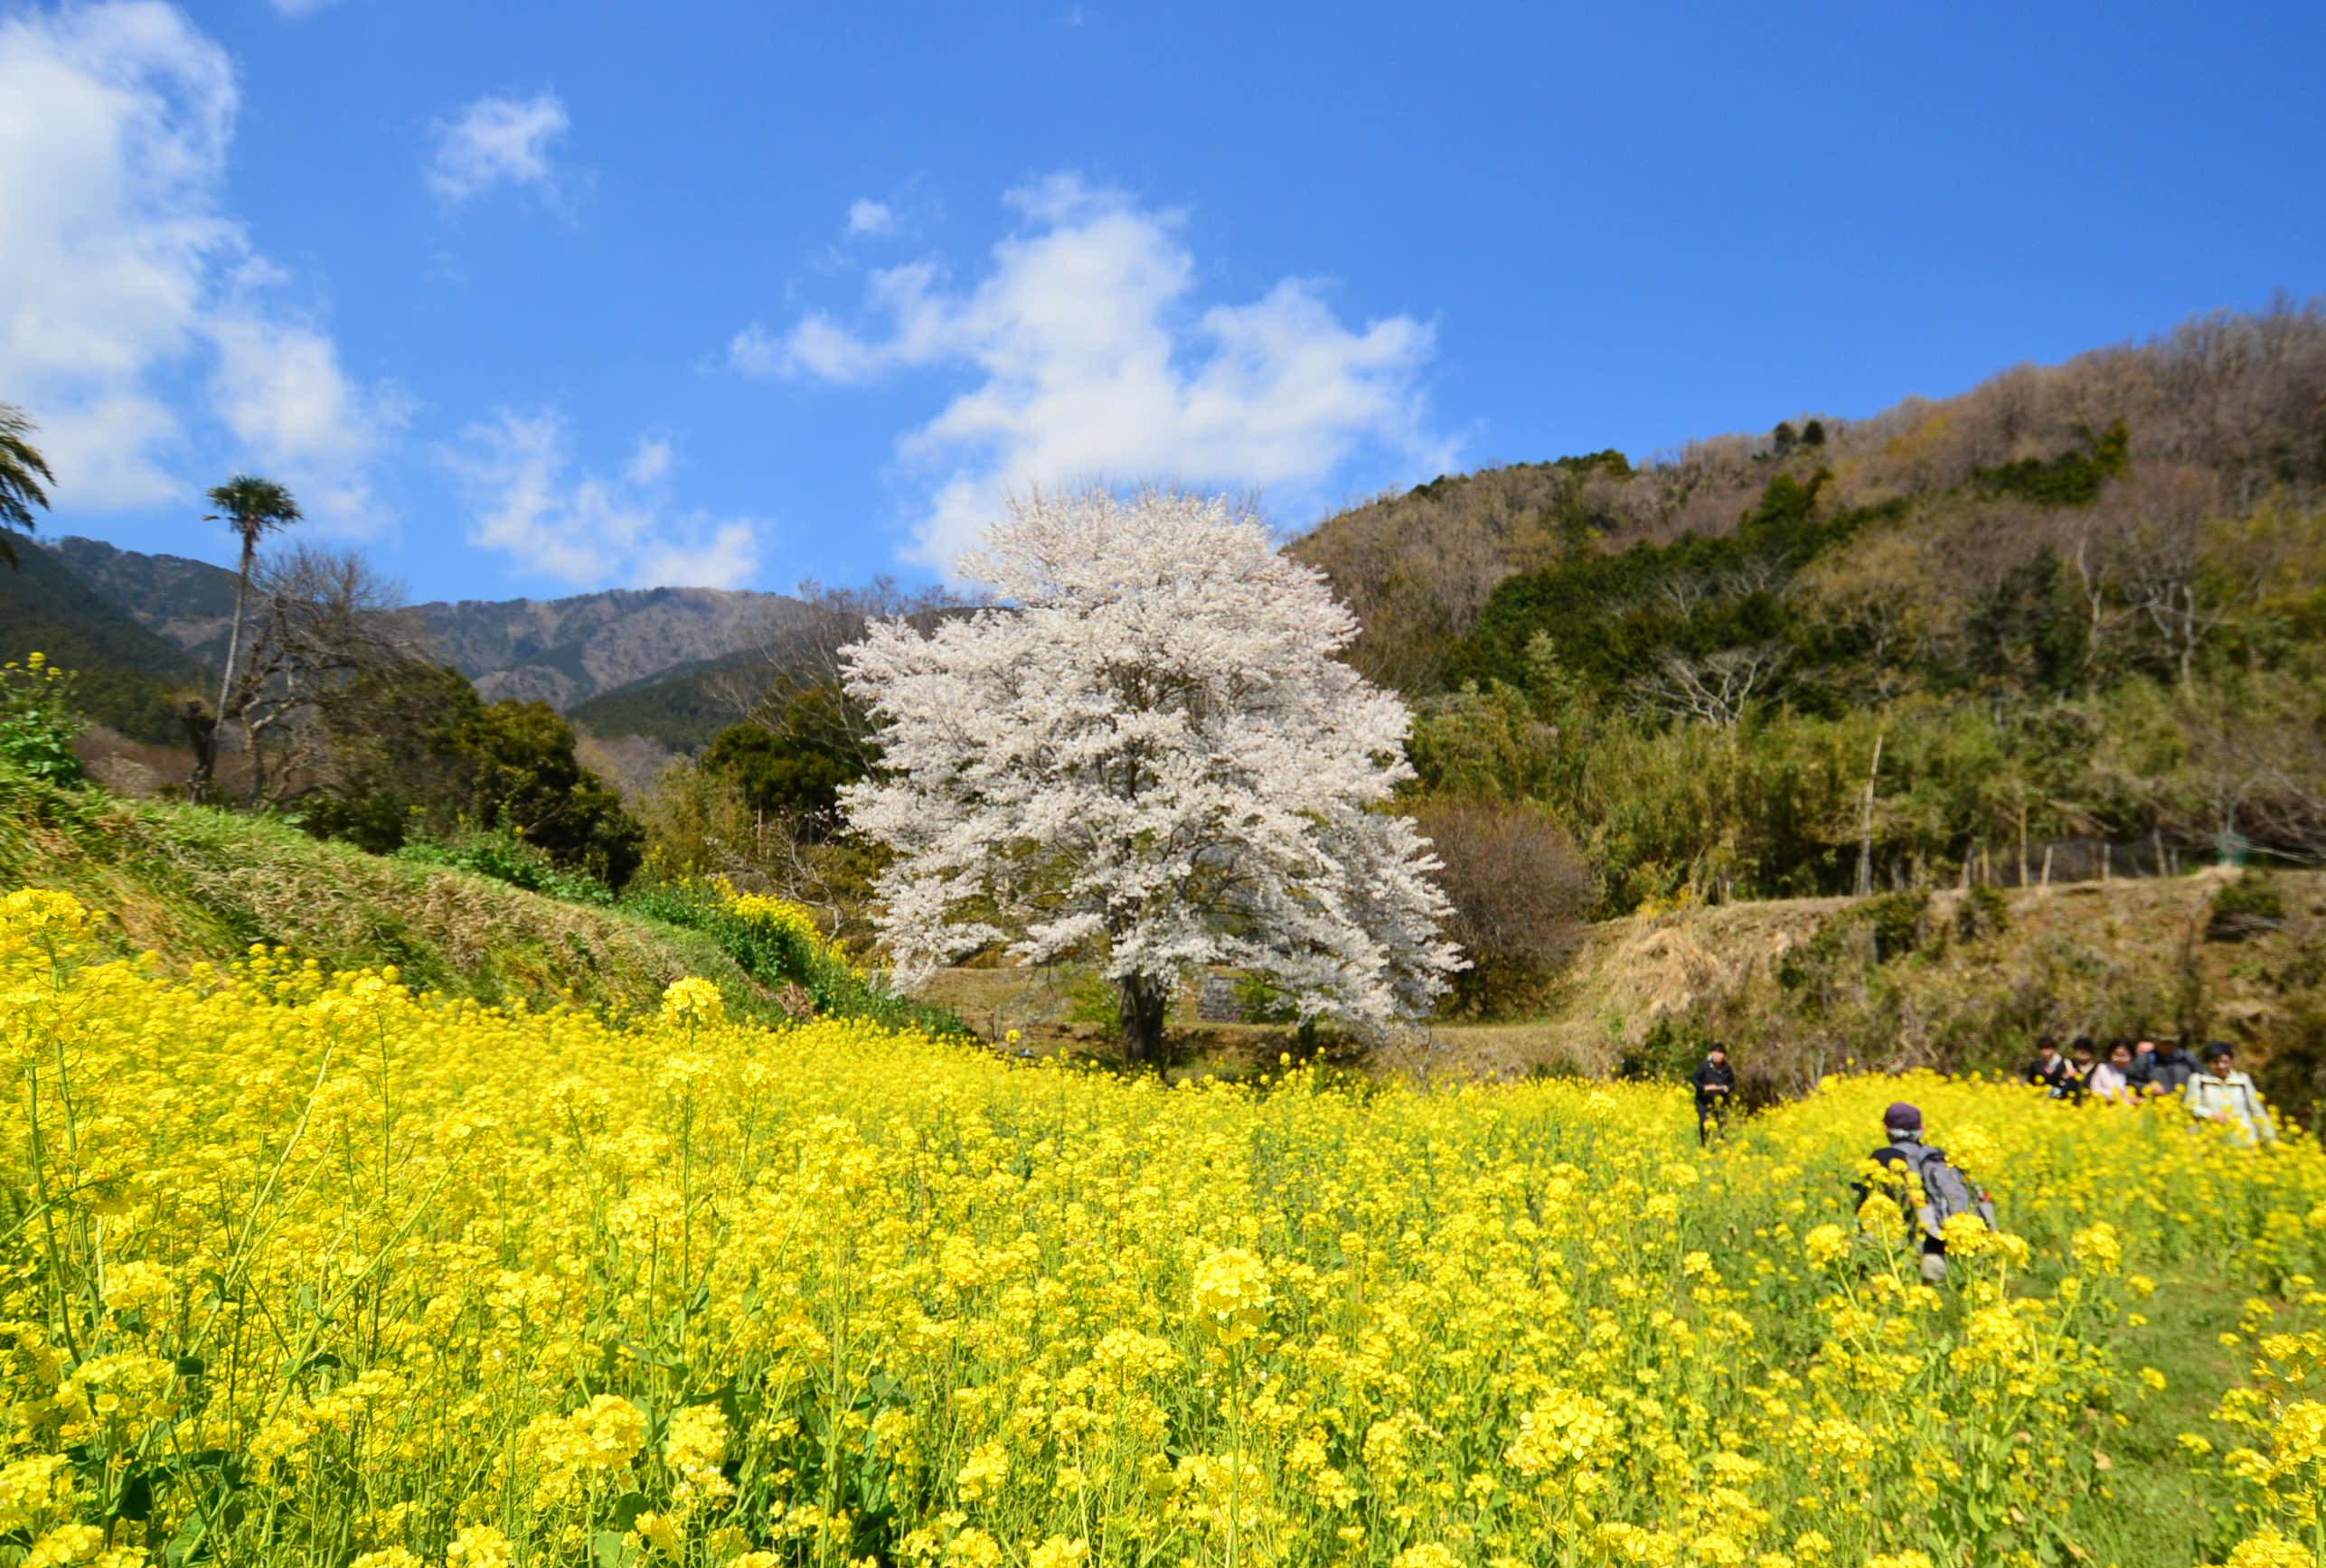 秦野(はだの)の桜を見に行こう - 神奈川の桜穴場スポット 秦野さくら2019